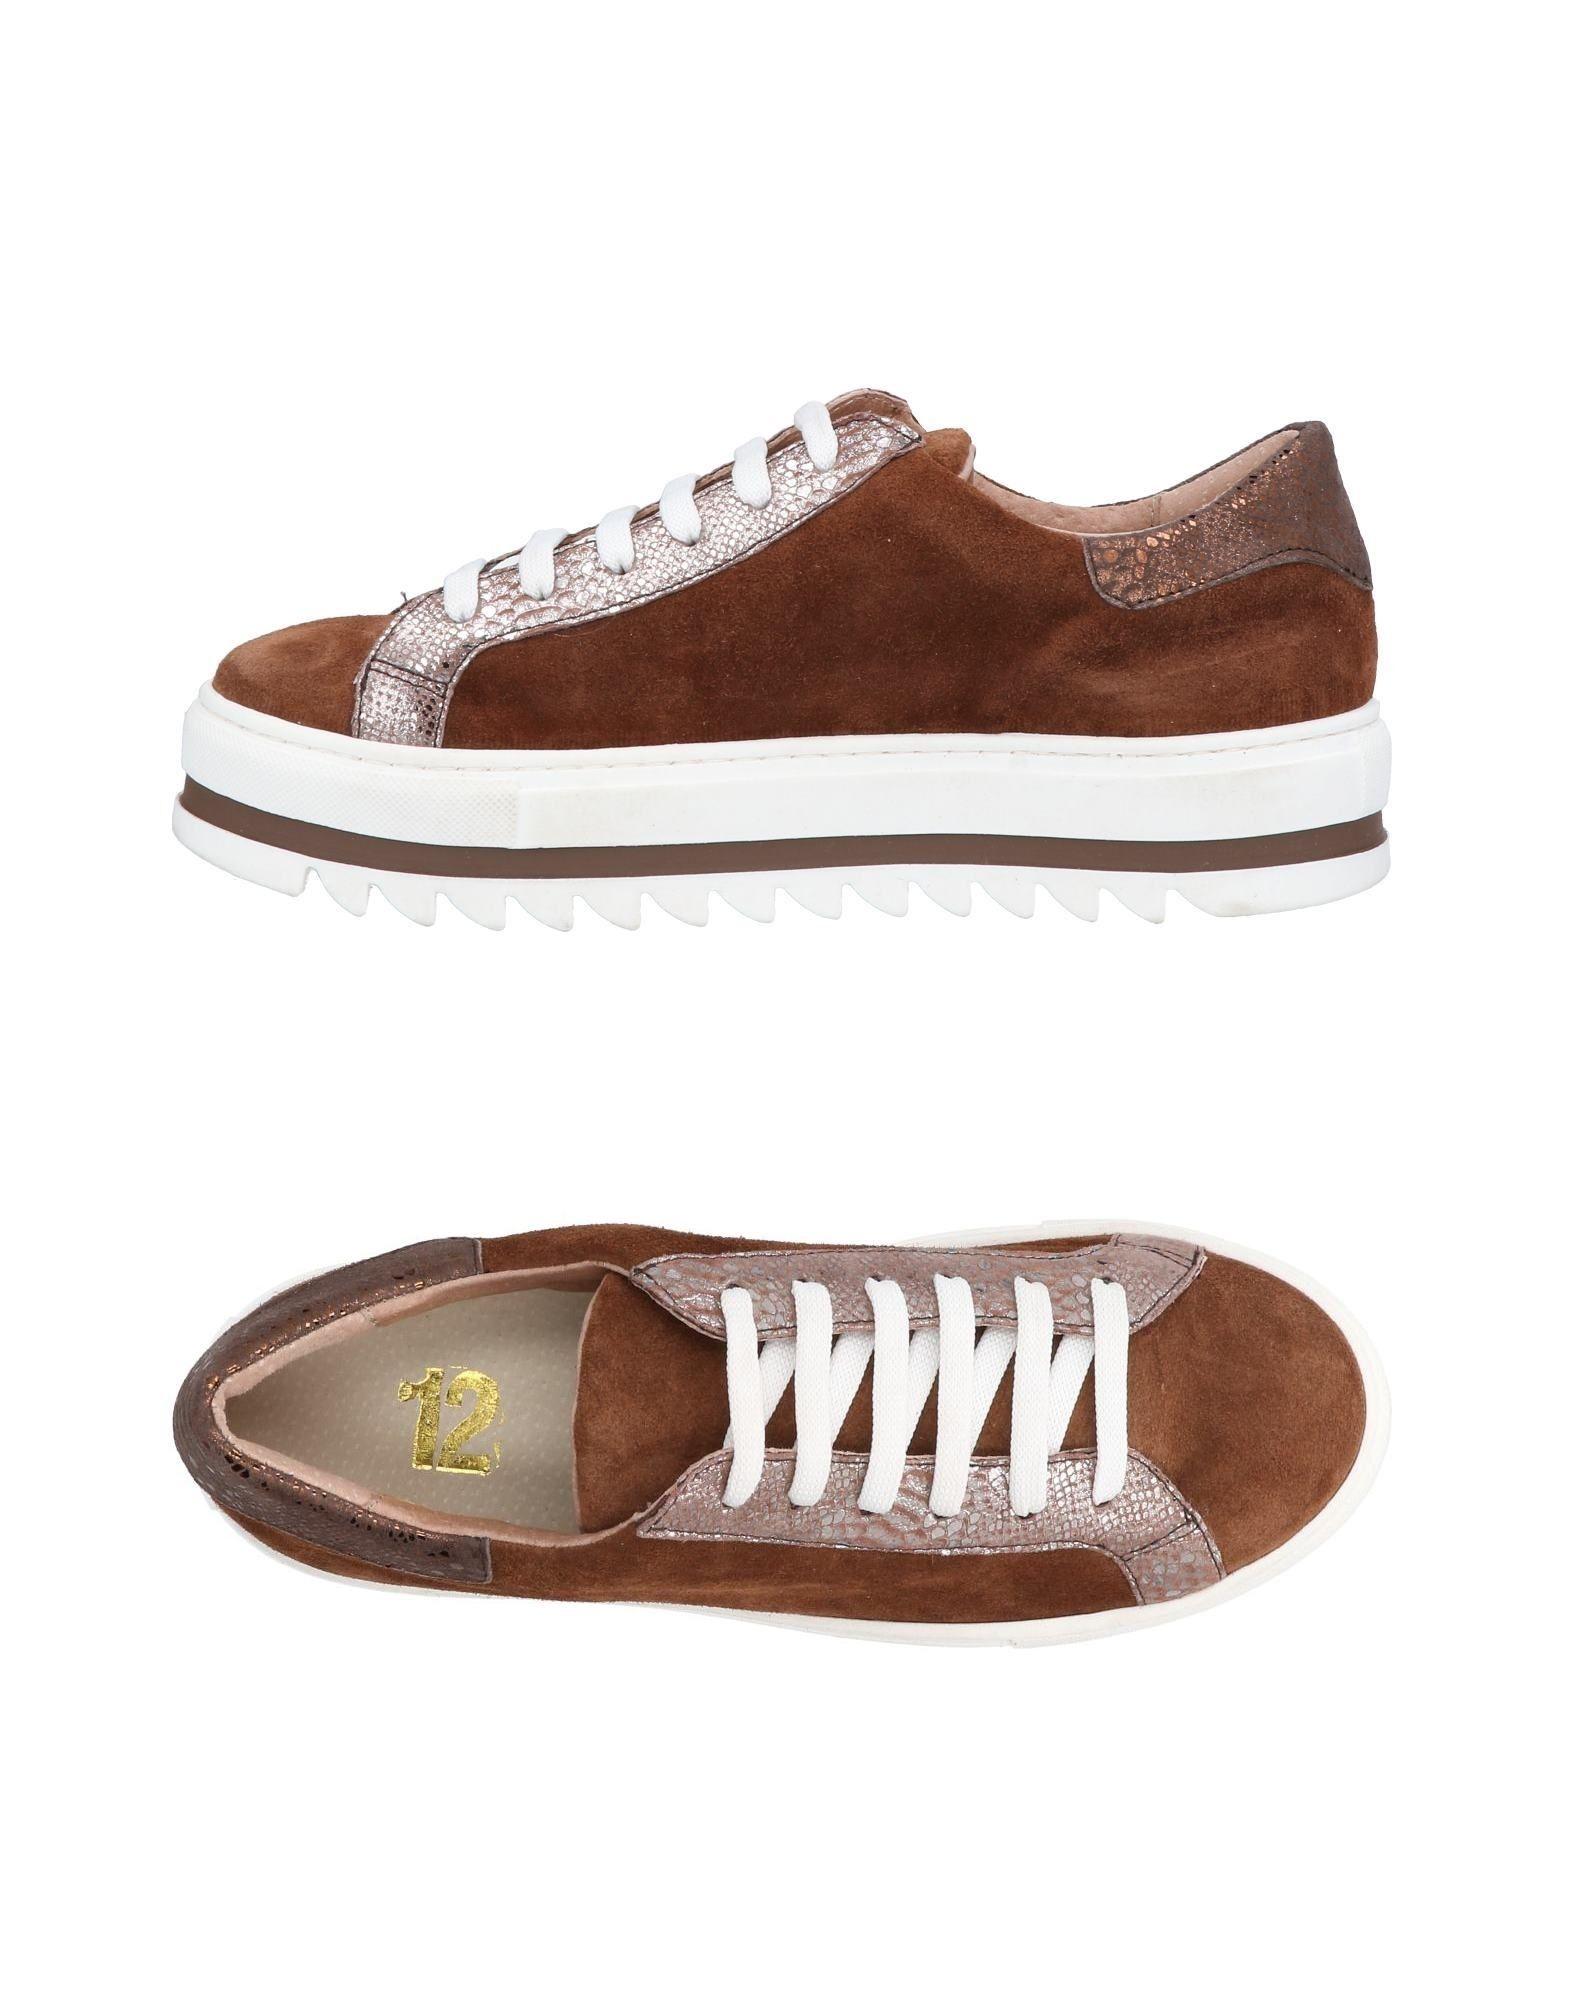 Tsd12 Sneakers Damen  11453829WK Gute Qualität beliebte Schuhe